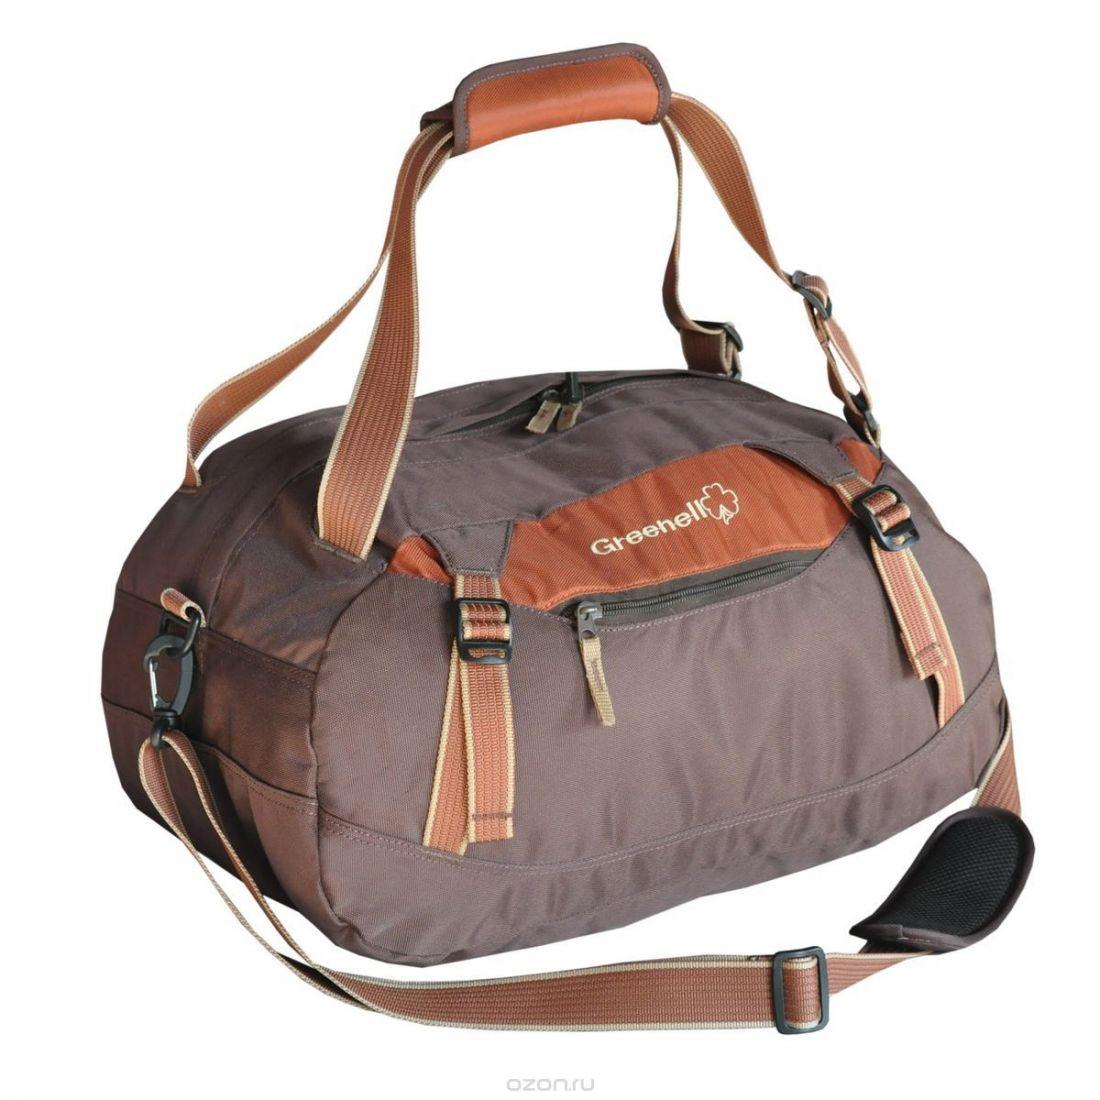 GREENELL СЛЕЙН 35 сумка для спорта и поездок